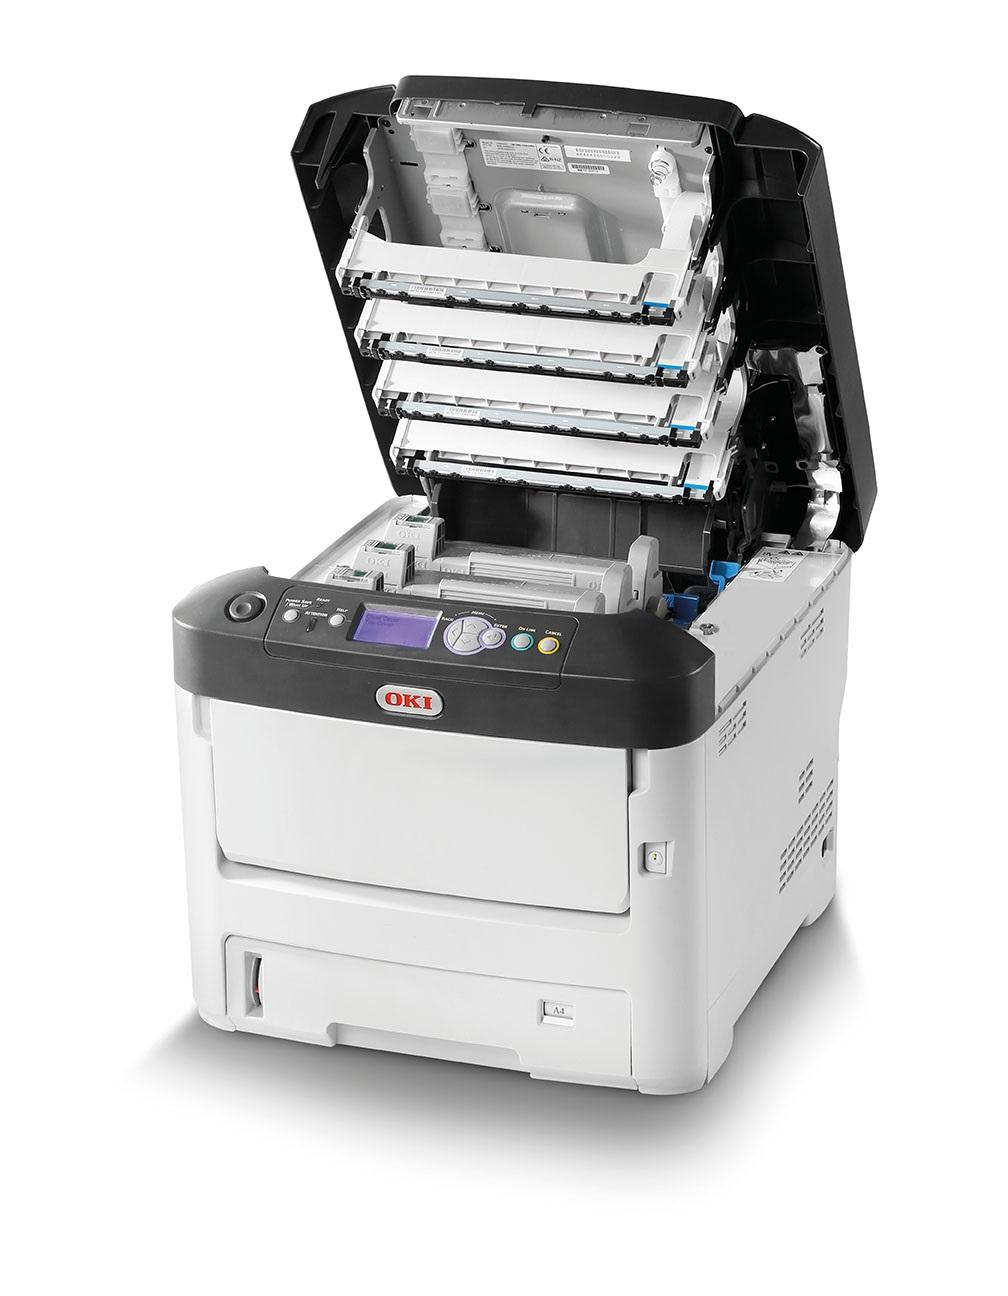 Erfreut Kosten Pro Seite Farblaser Bilder - Druckbare Malvorlagen ...